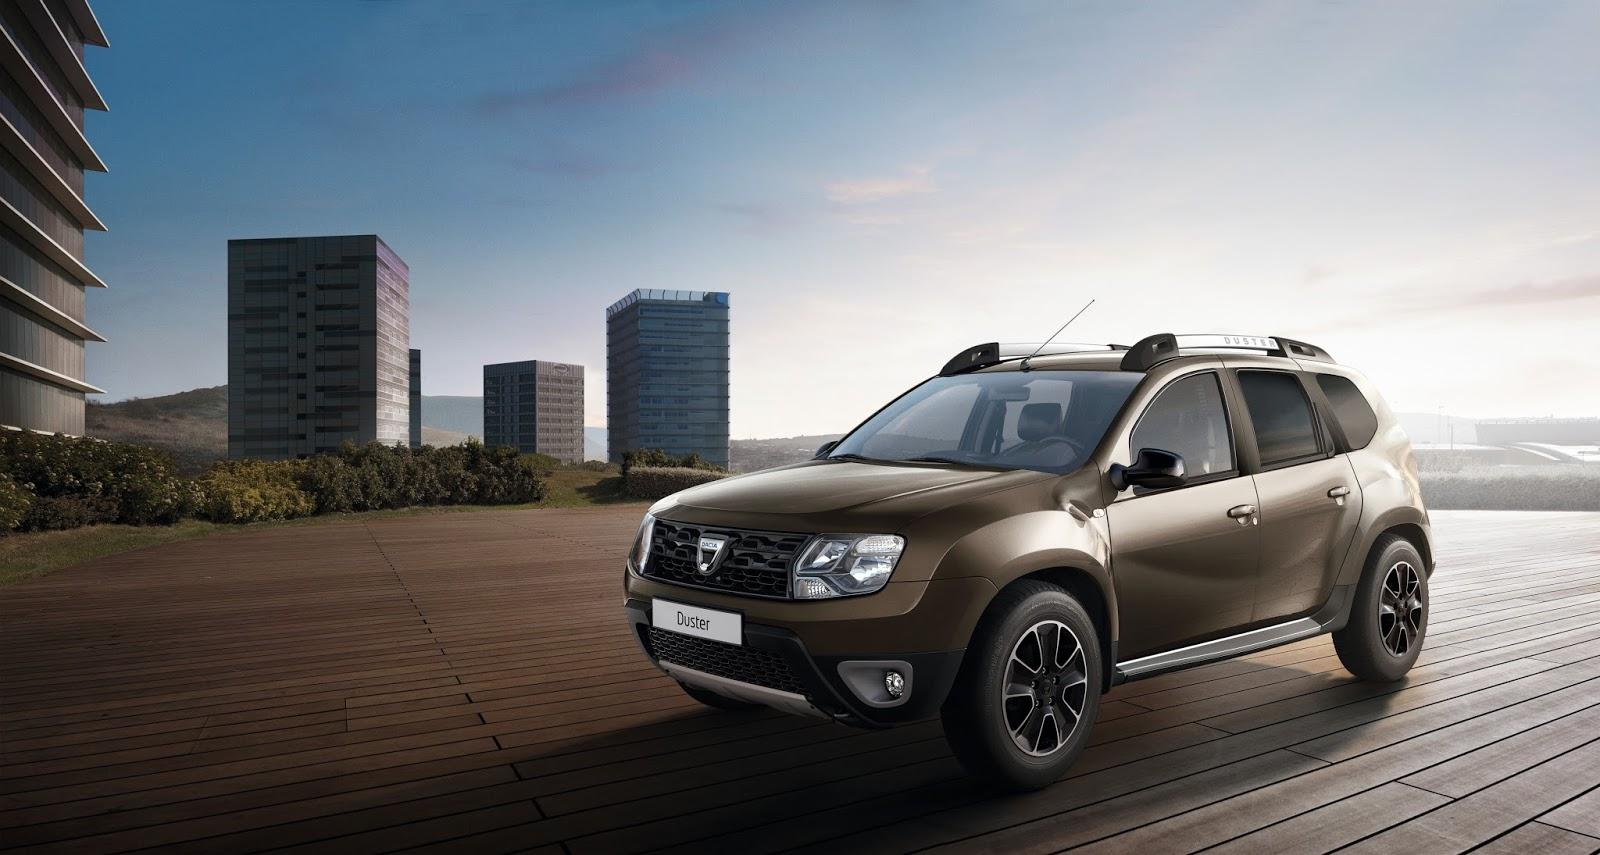 Quanto costa la Dacia  Duster Restyling: Costo a partire da...